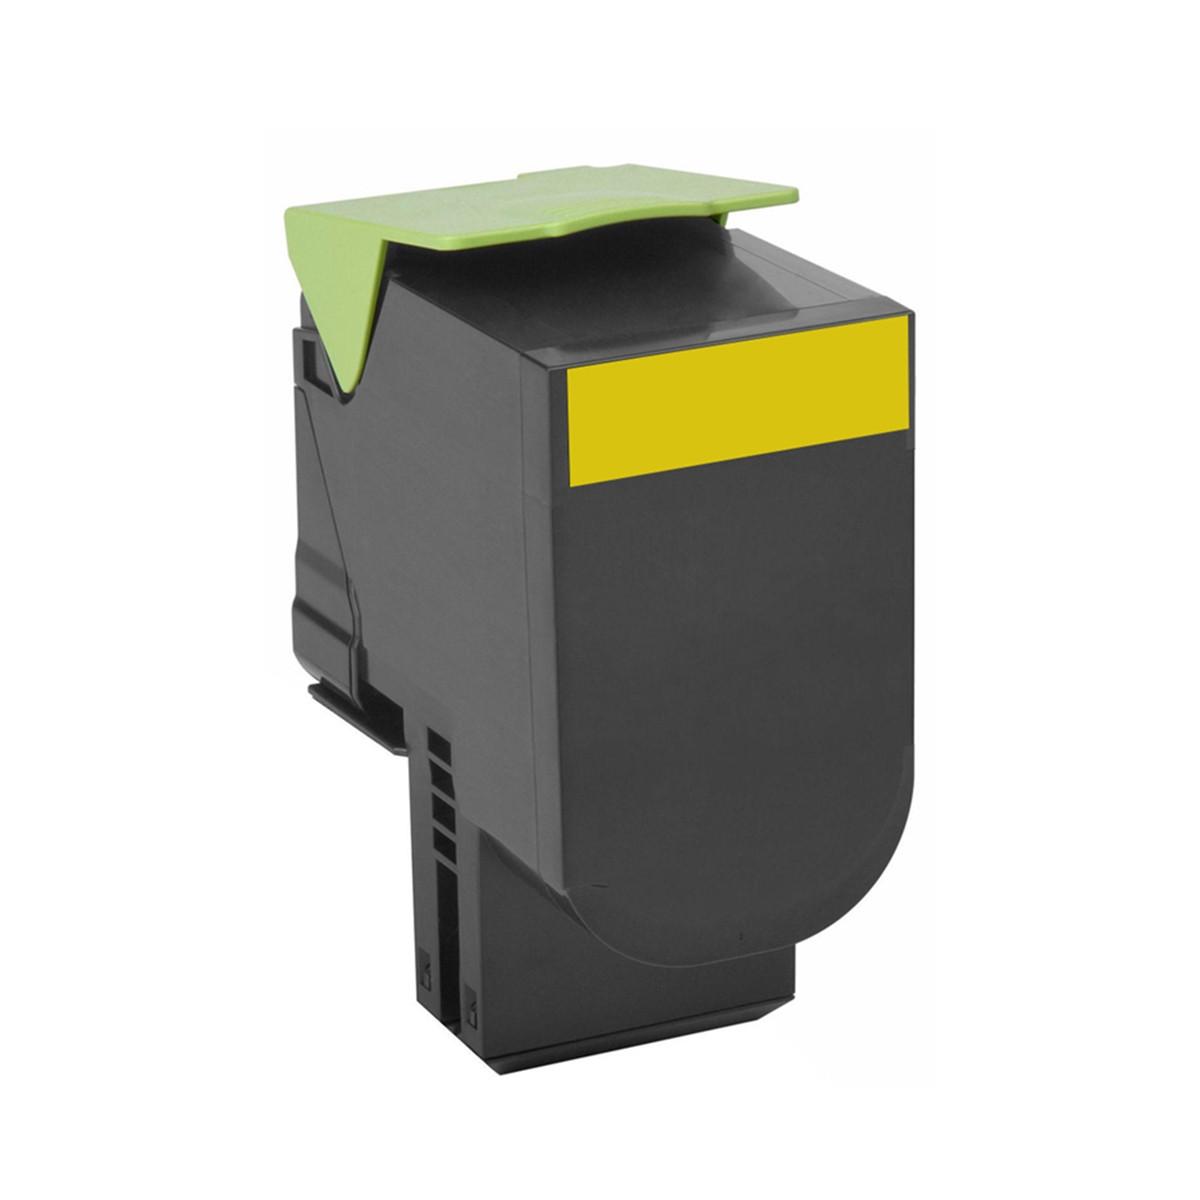 Toner Lexmark CX510 CX510de CX510dhe Amarelo | 80C8XY0 | Original 4k